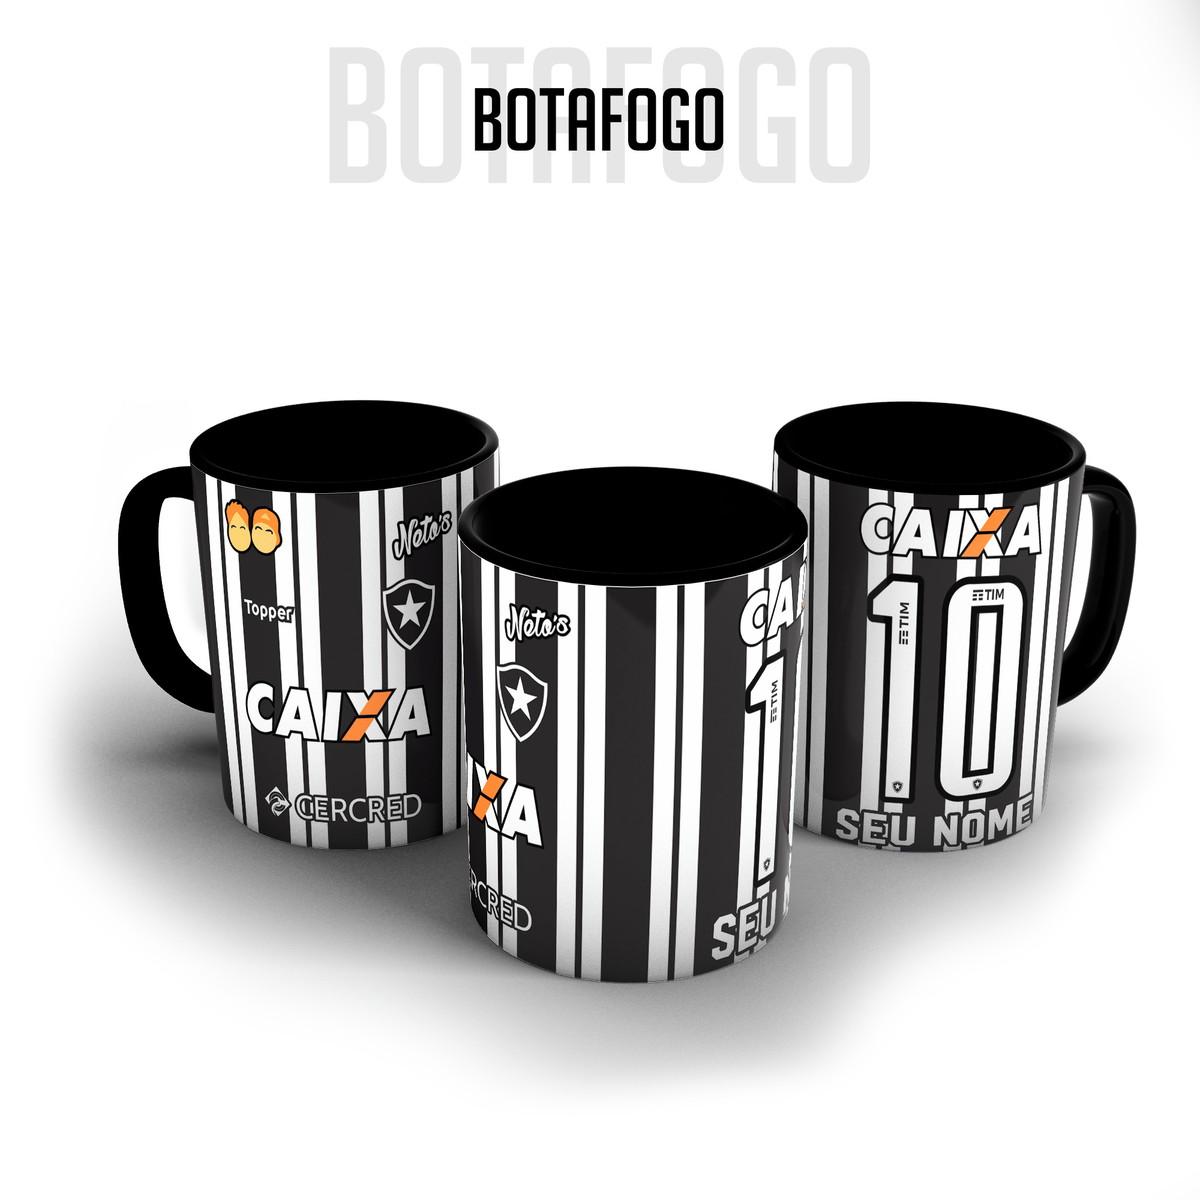 aacc4eb6cf Caneca porcelana - Camisa Botafogo personalizada com nome no Elo7 ...